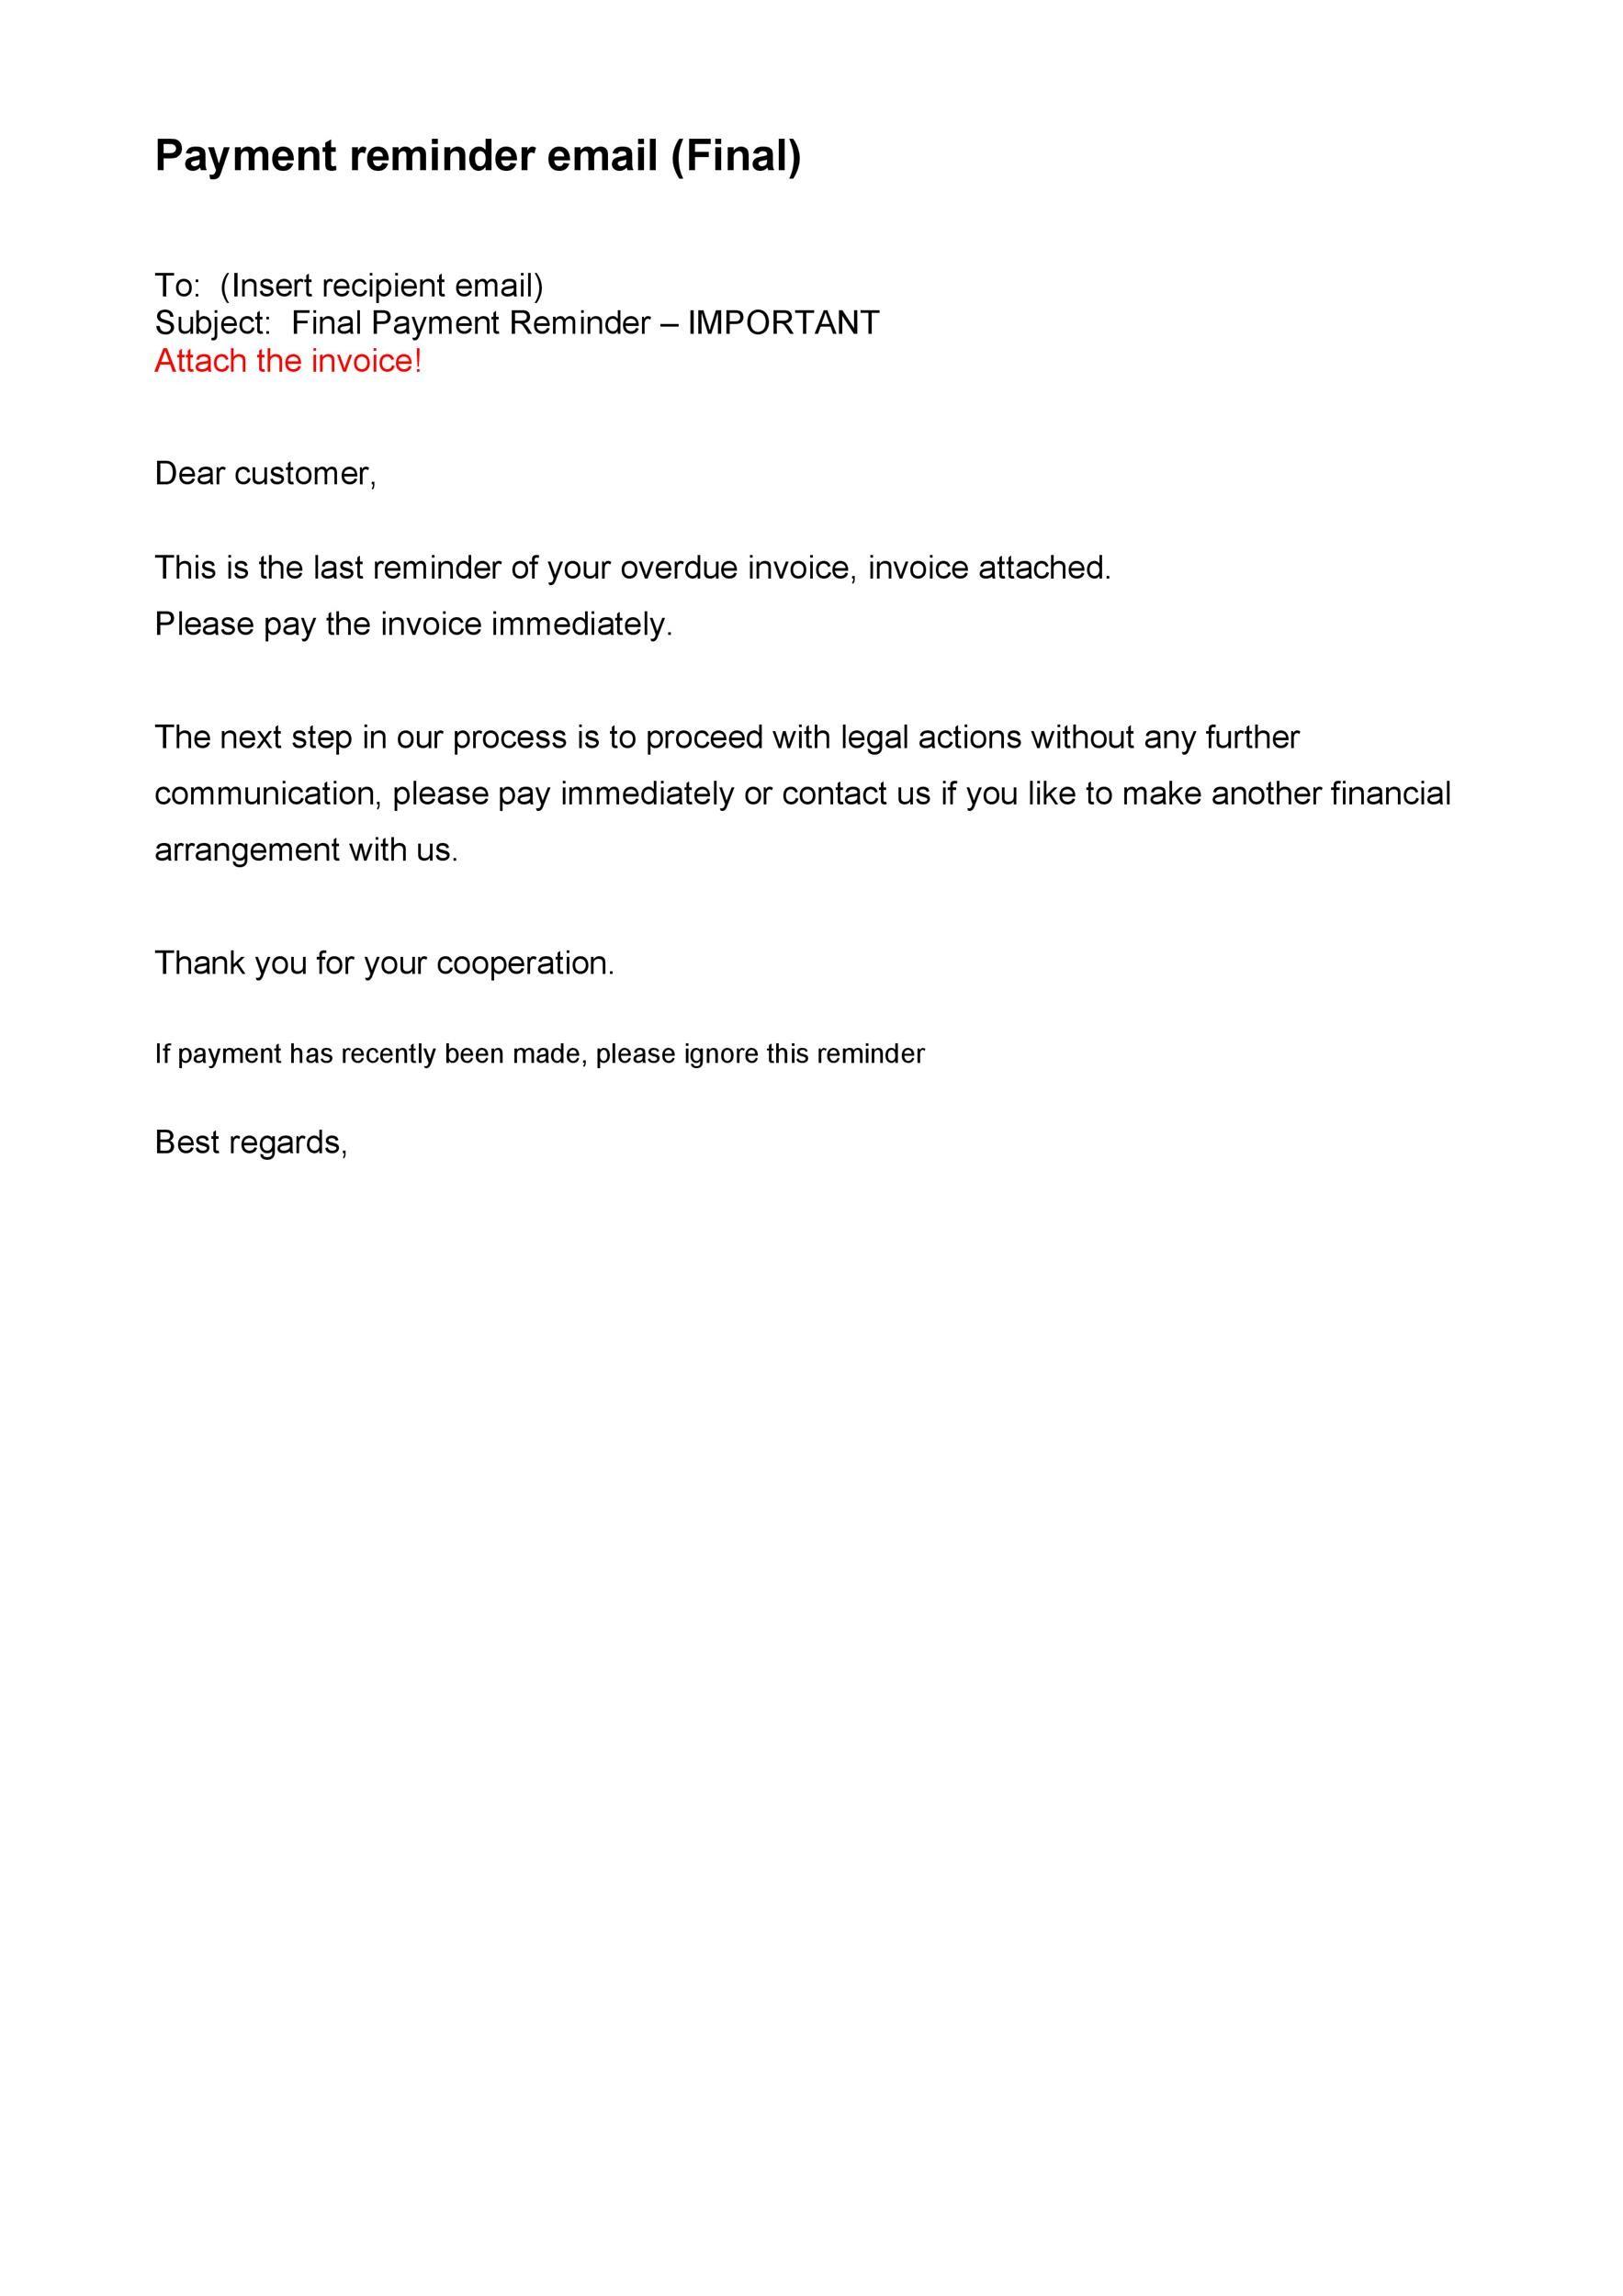 Free reminder email sample 45